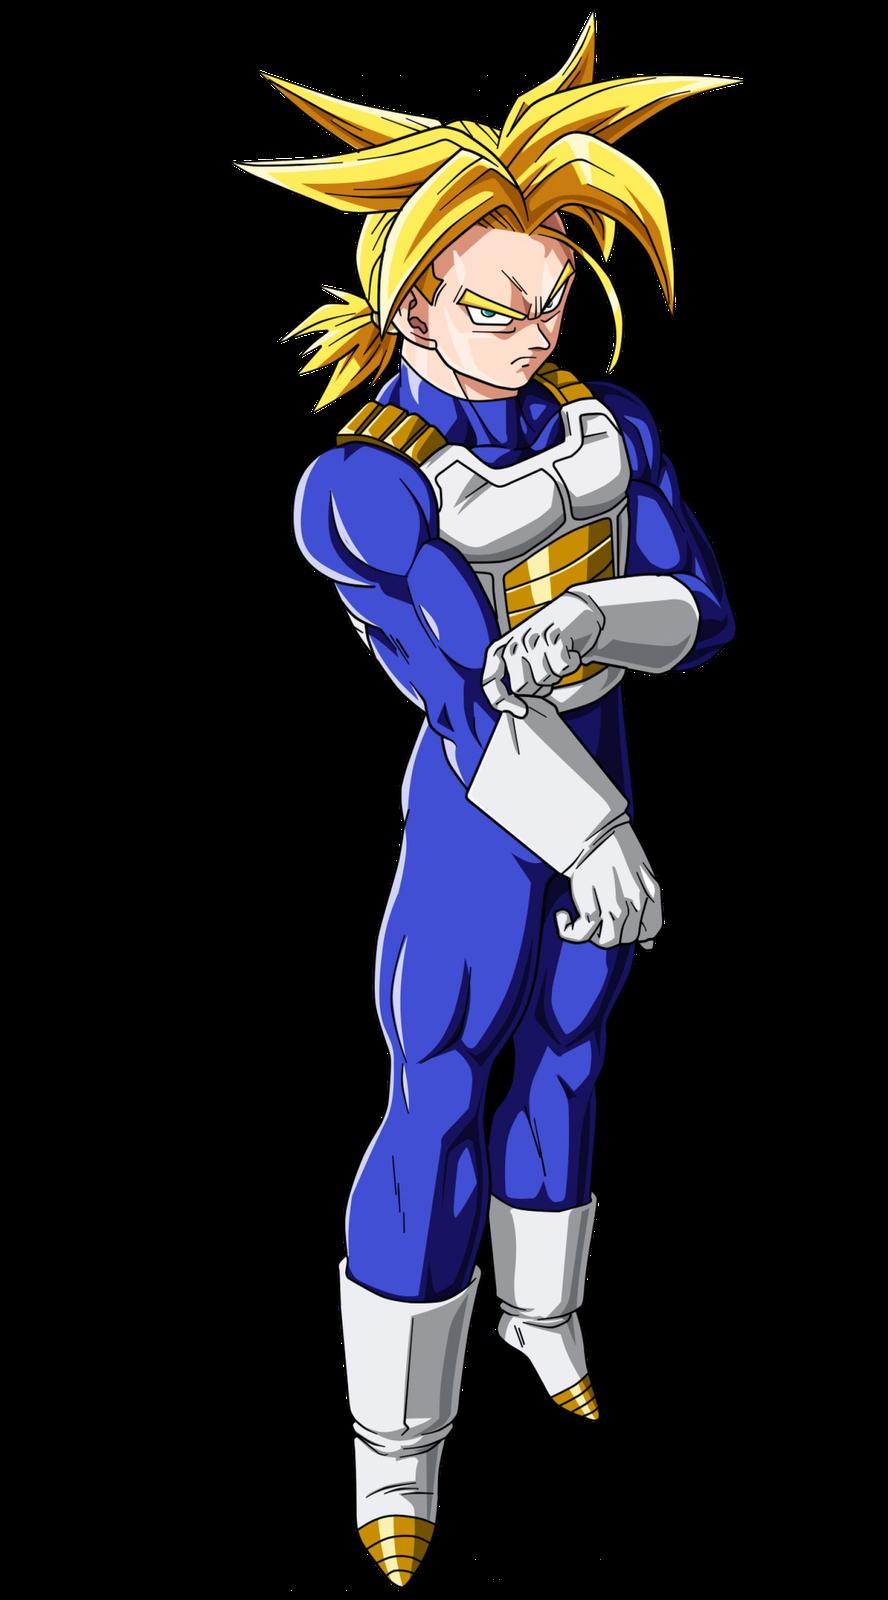 Trunks del futuro super saiyajin dragon ball wiki - Trunk super sayen ...